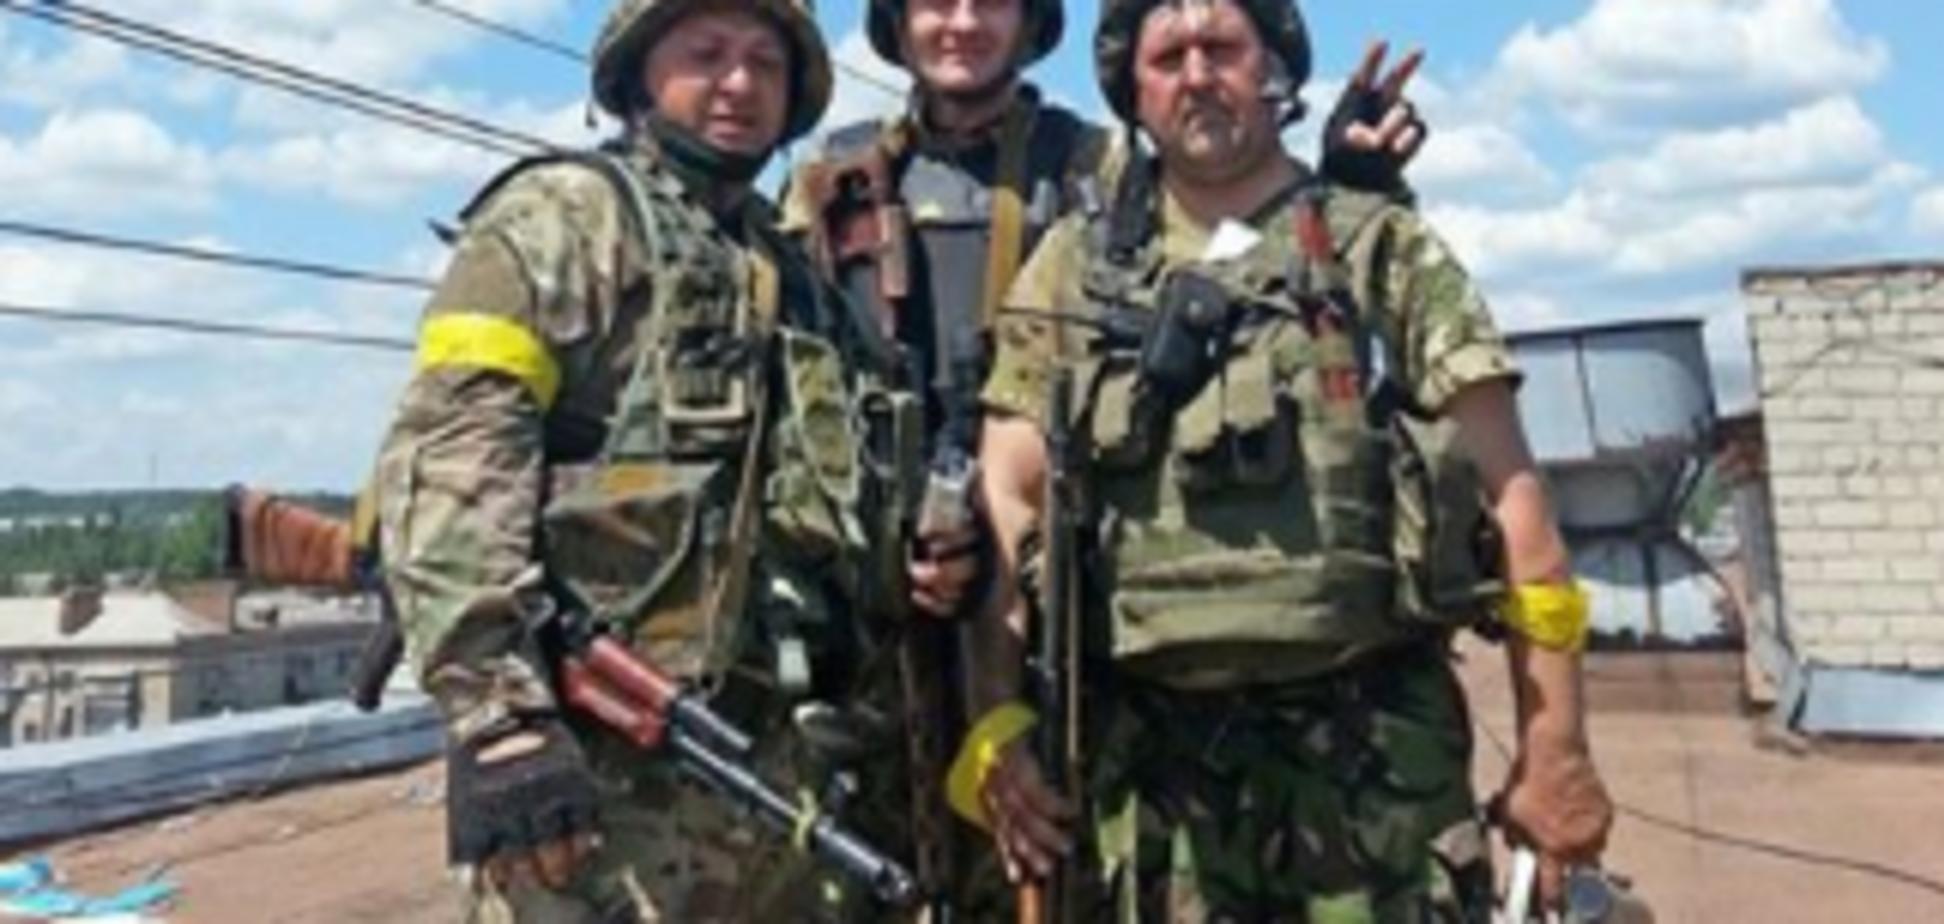 'А дальше была война!' Выяснилась судьба героев исторического фото с Донбасса